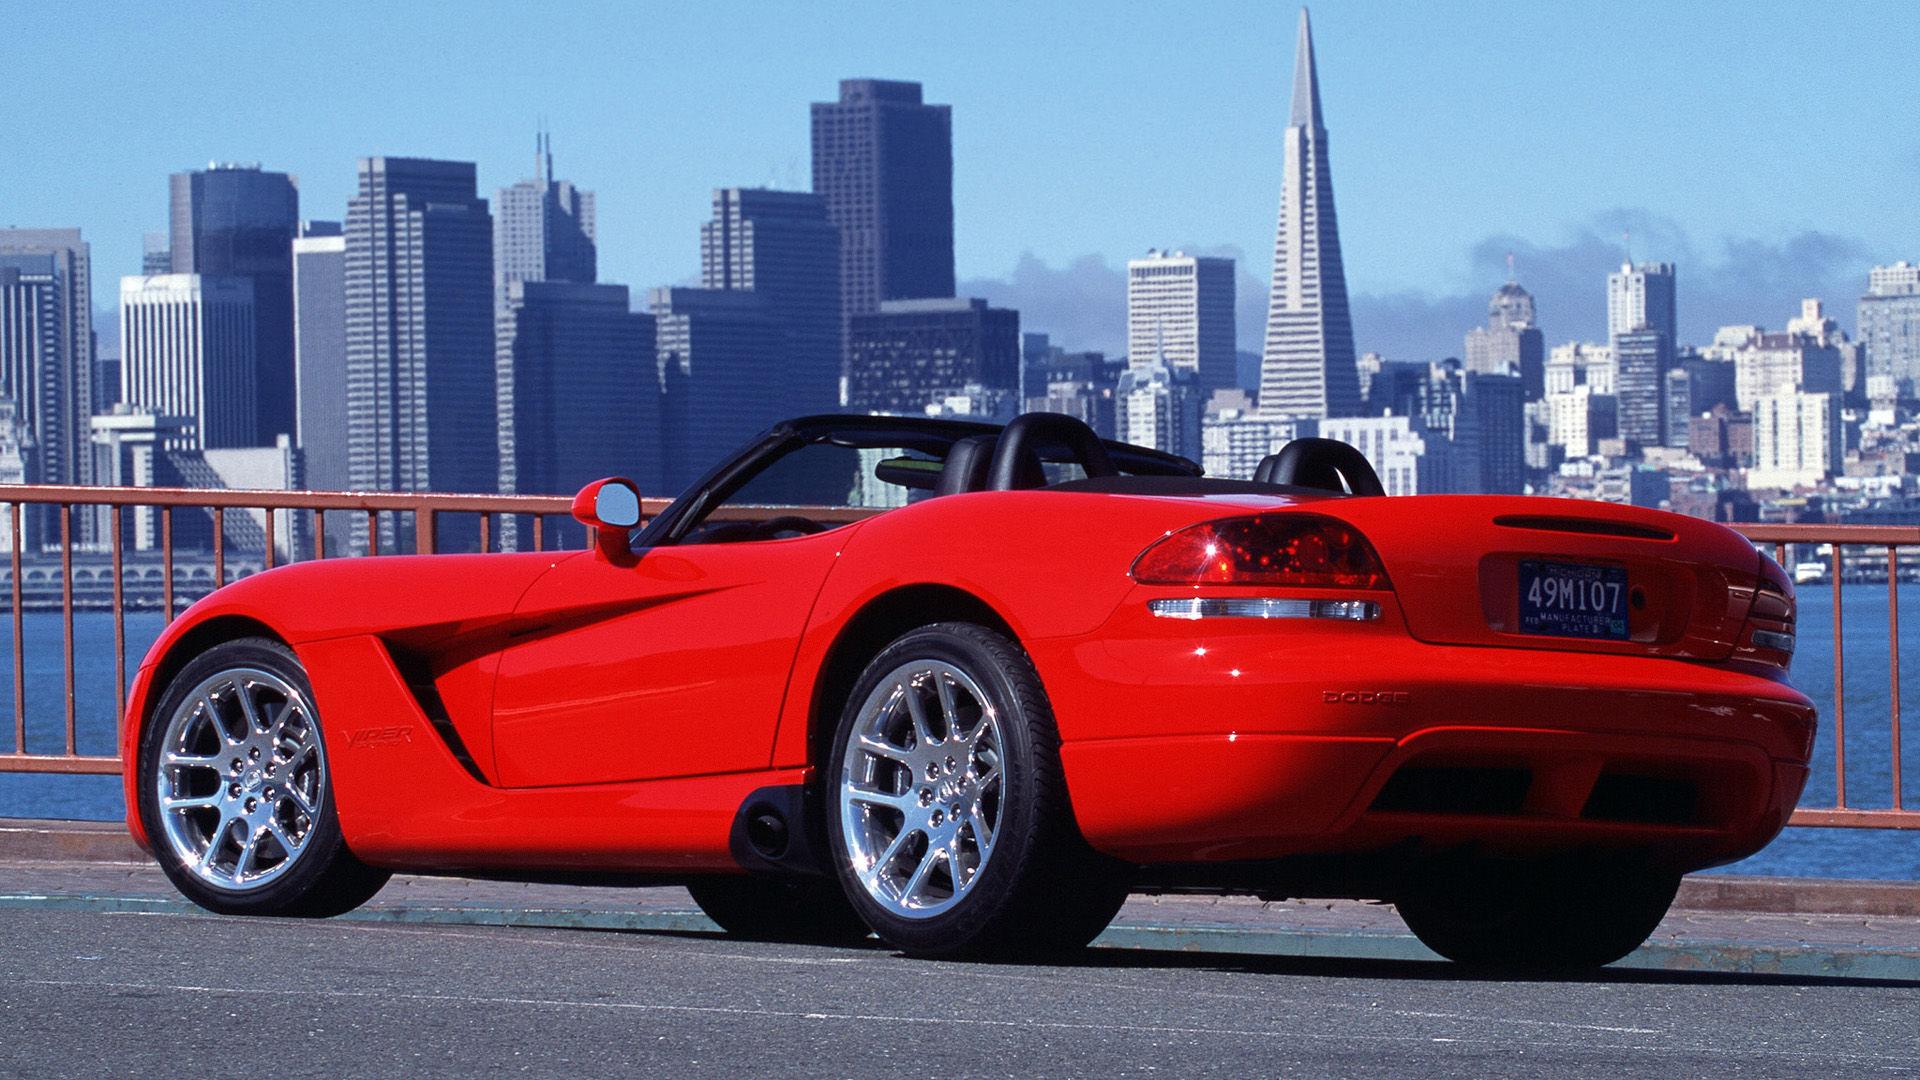 2003 Dodge Viper SRT10 Convertible